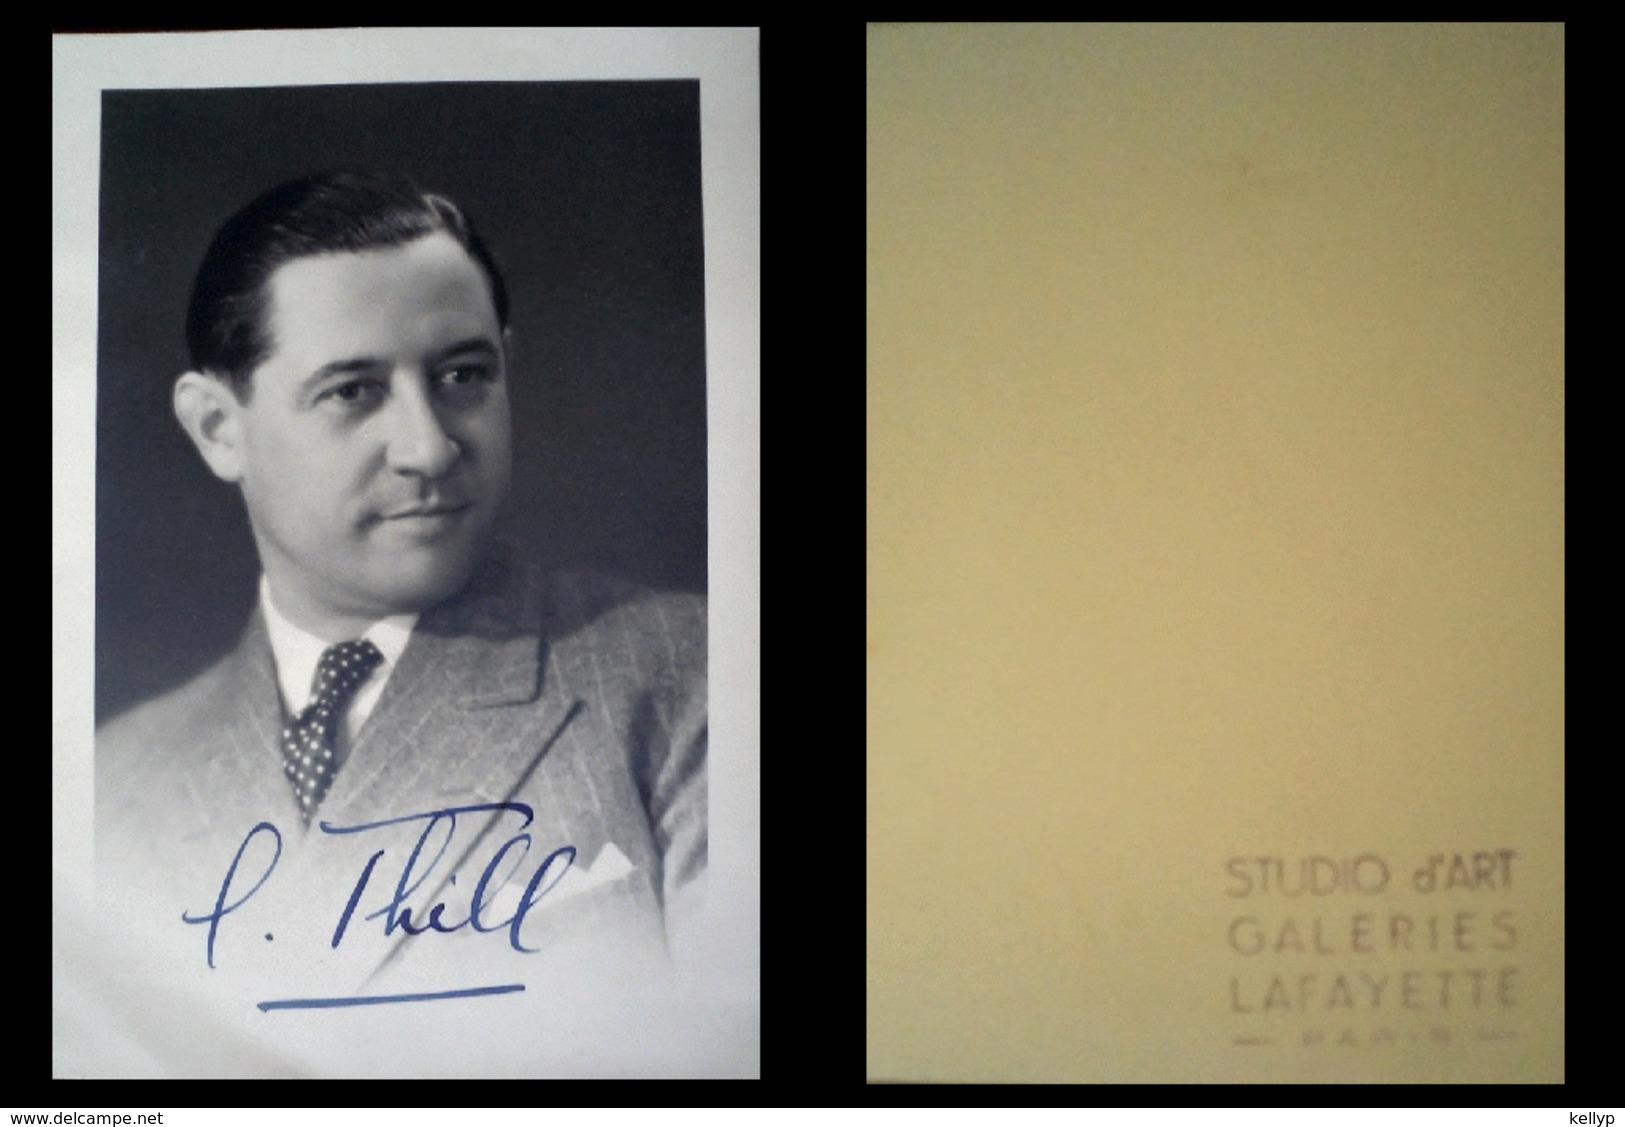 Rare Photo Avec Autographe De Georges THILL Georges Thill Est Un Ténor Français, Né Le 14 Décembre 1897 à Paris Et Mort - Autographes